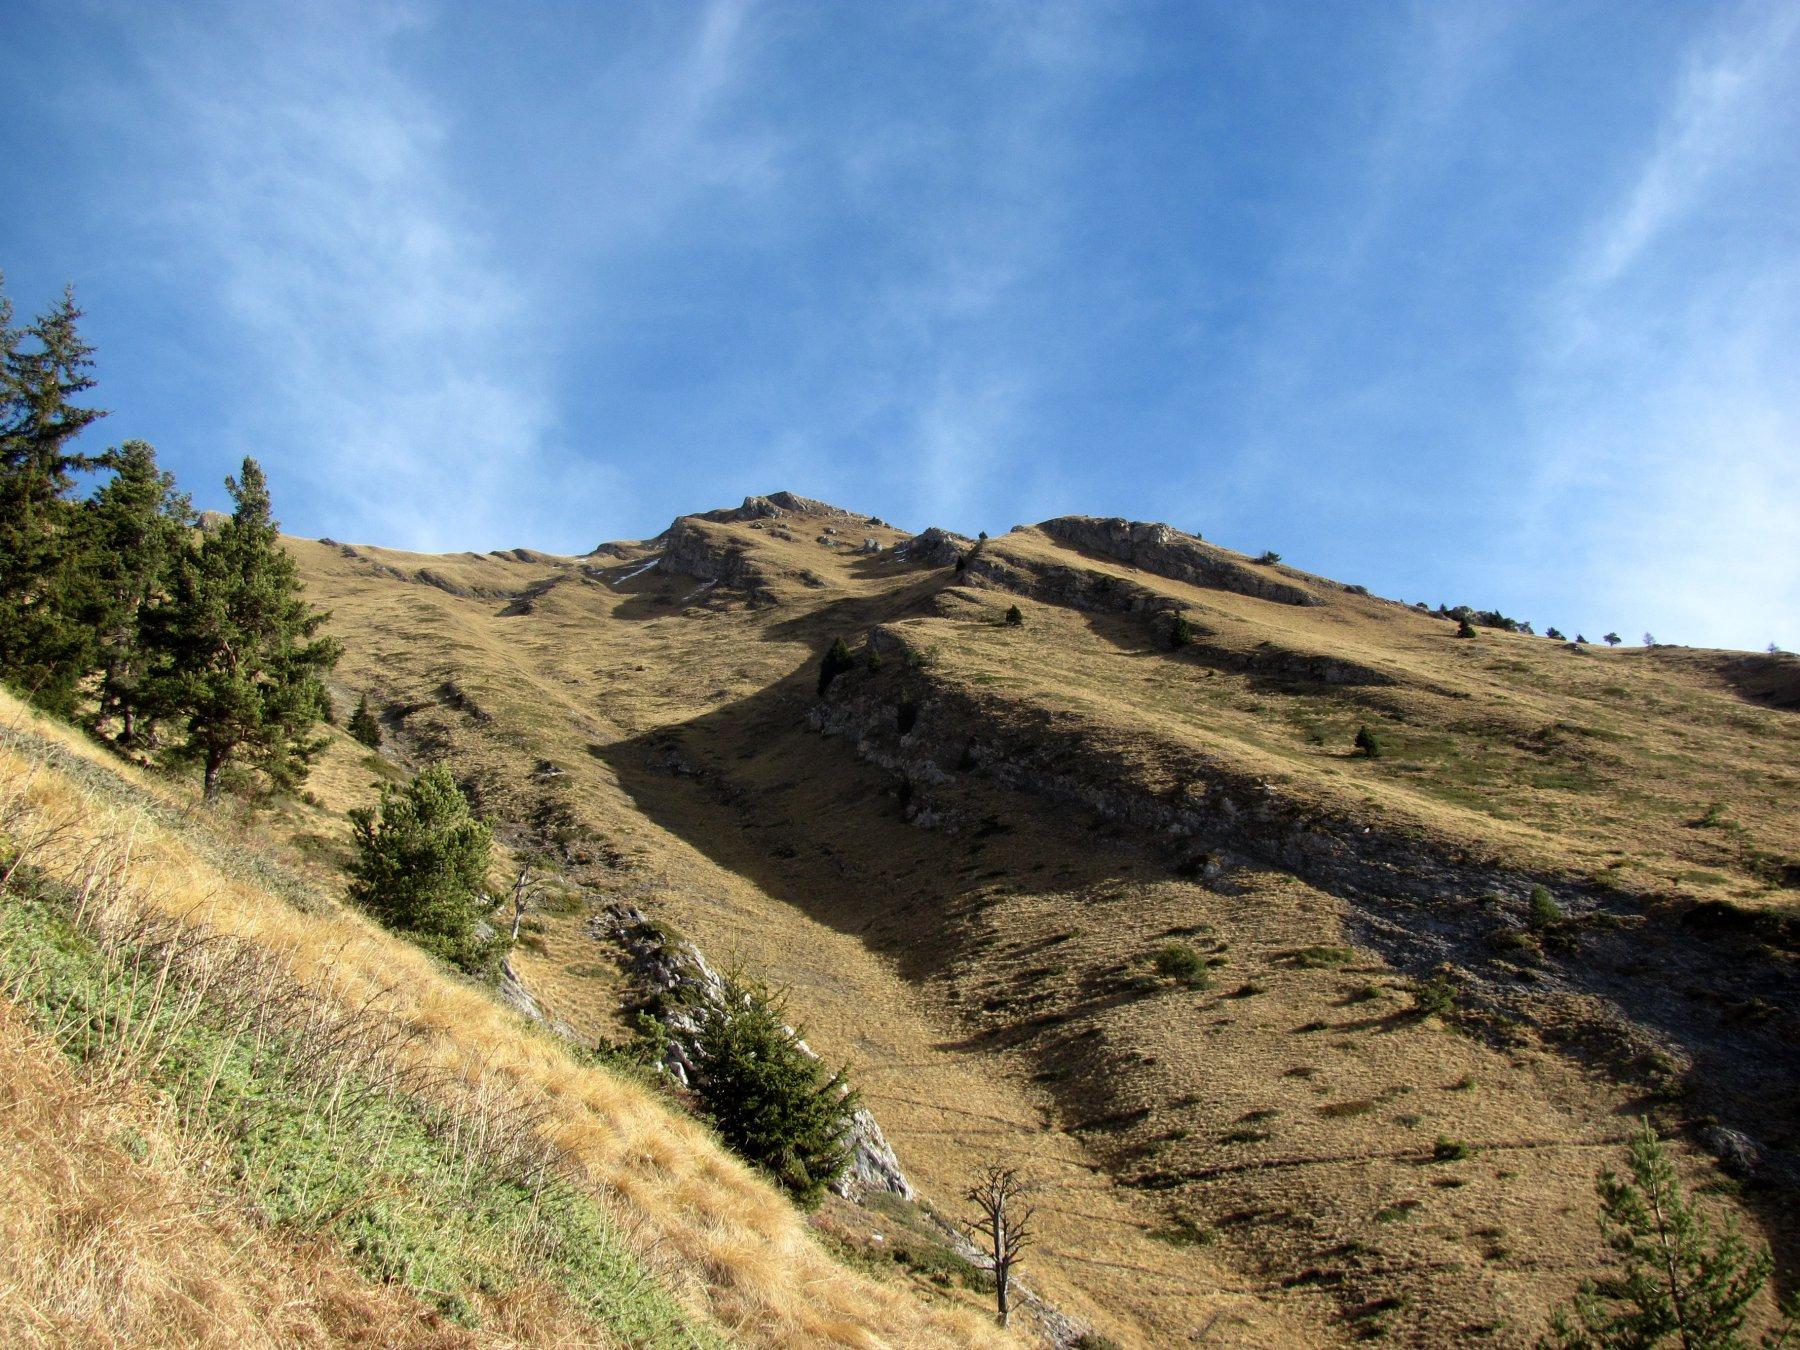 il sentiero alto, che sale (come quello basso) con numerosissime svolte